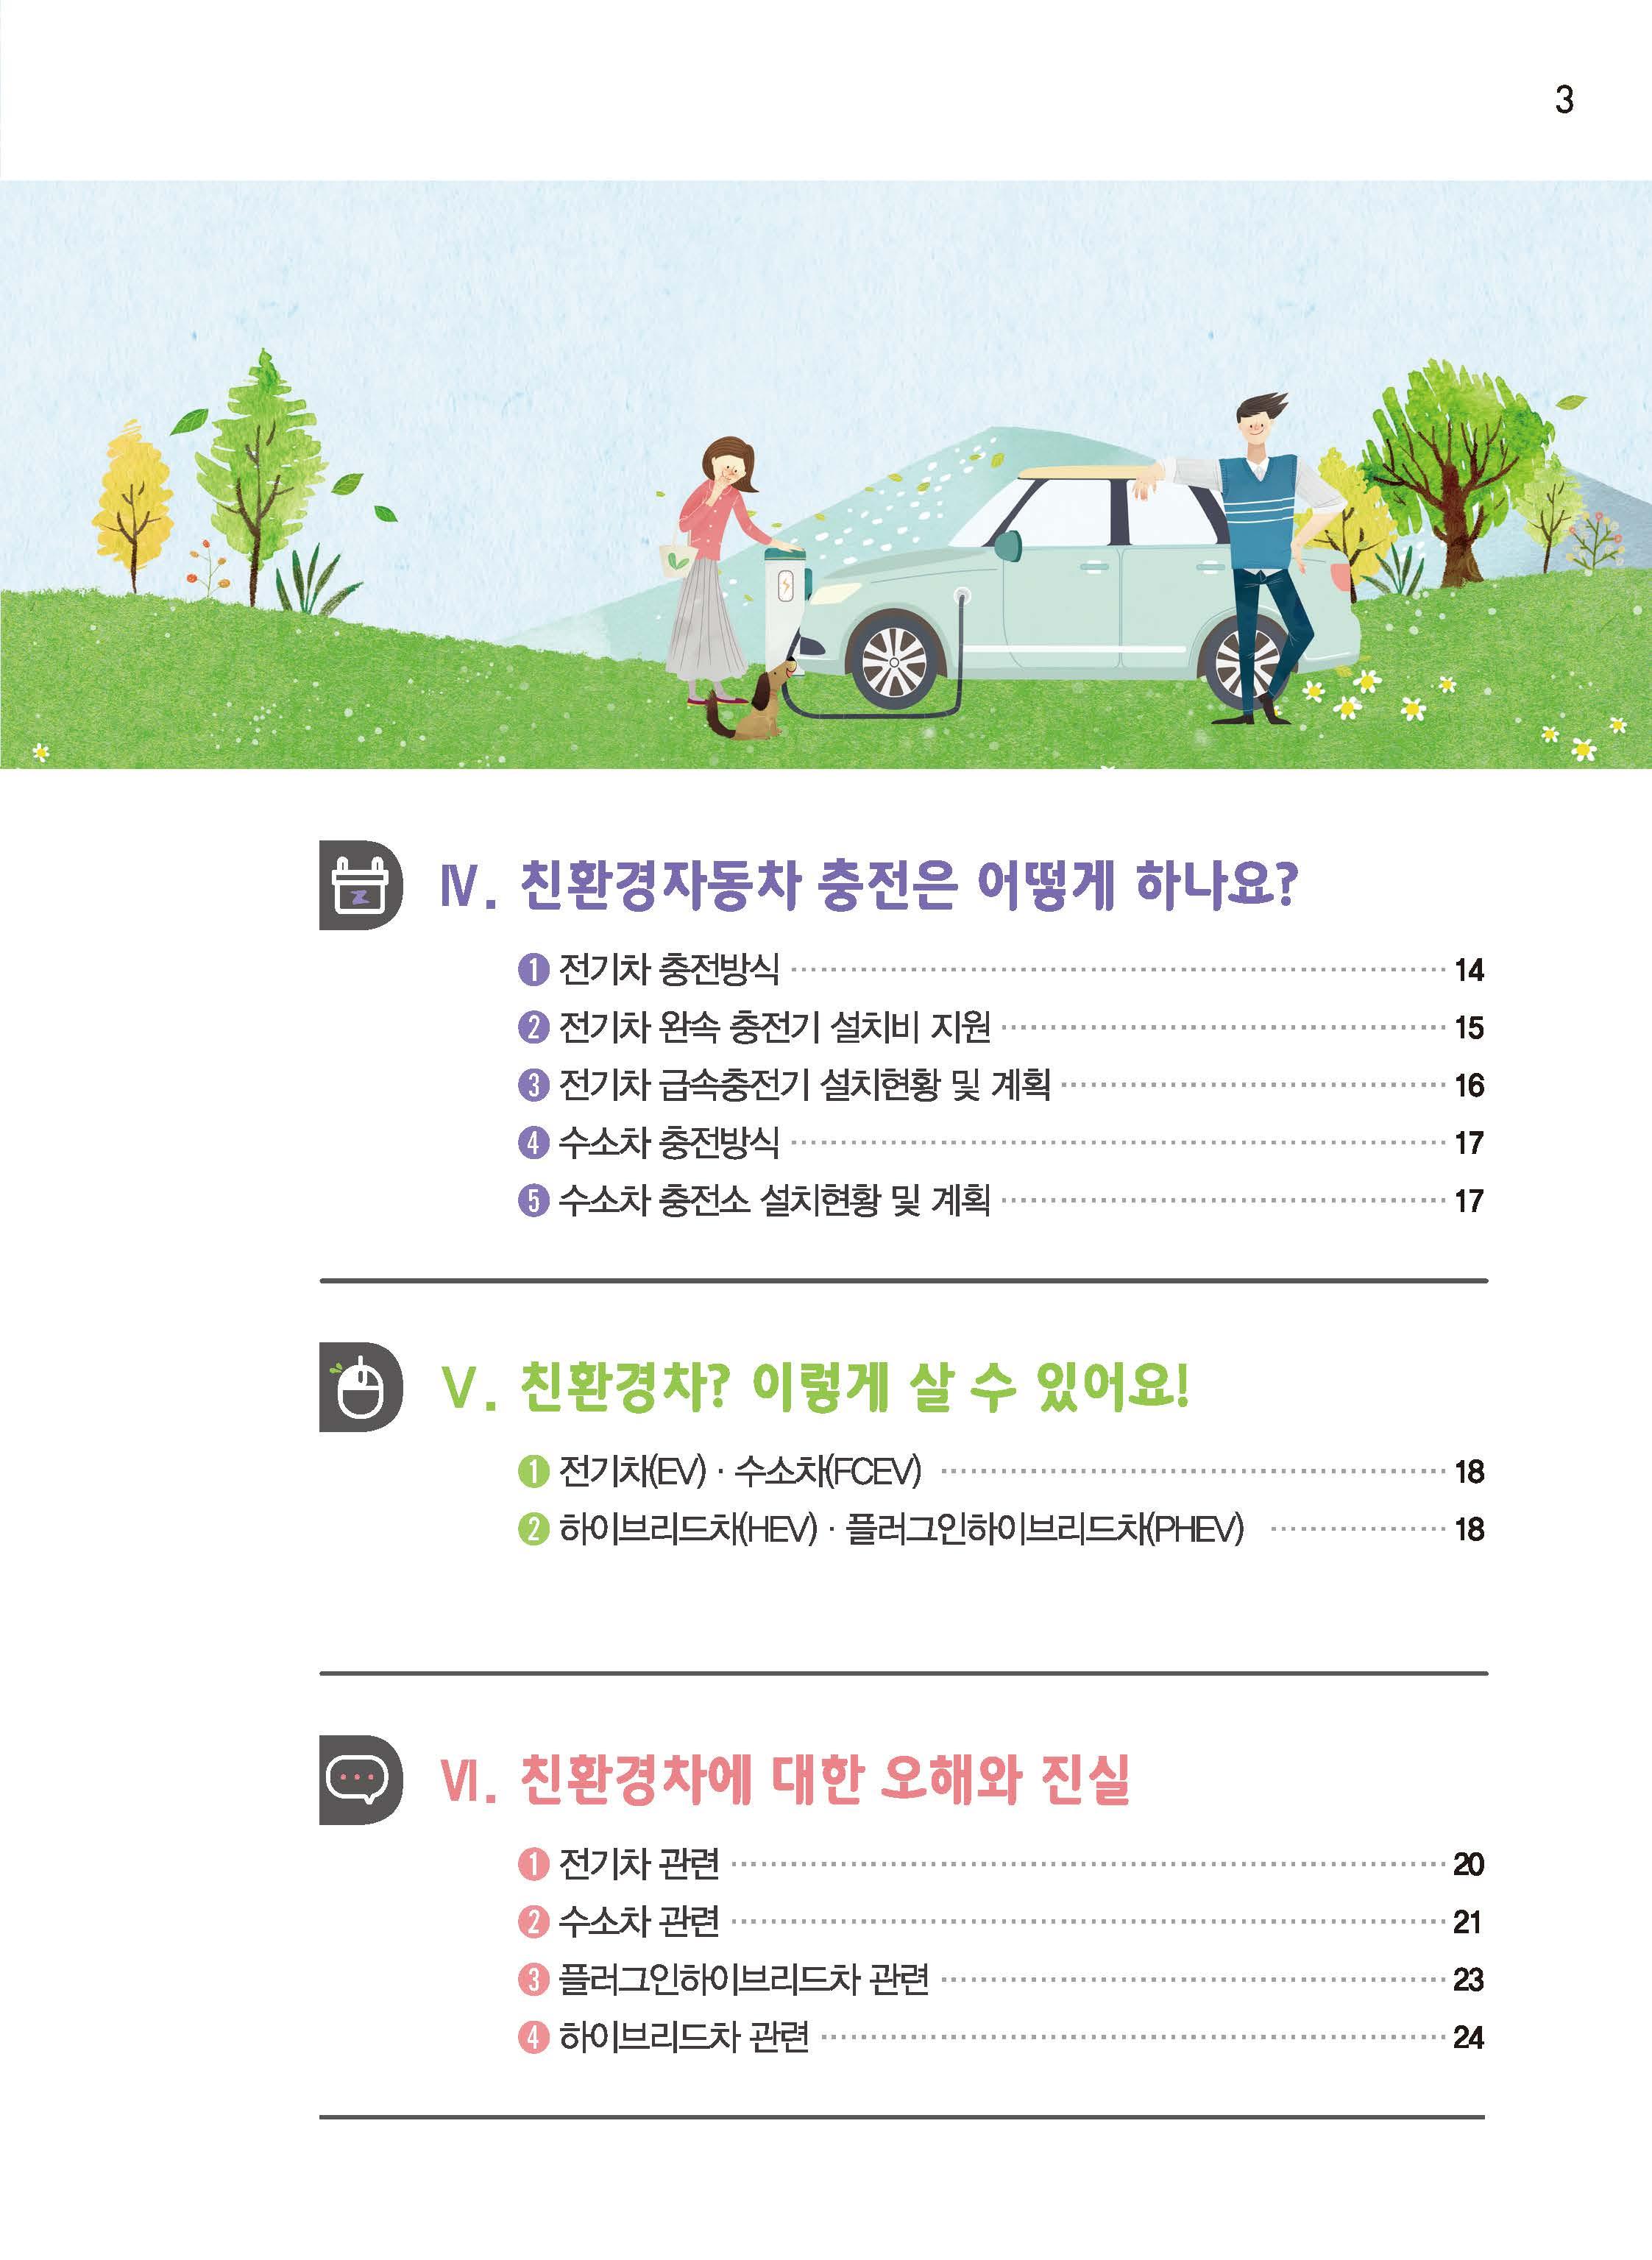 친환경자동차 구매가이드(Ver20170821)_페이지_03.jpg